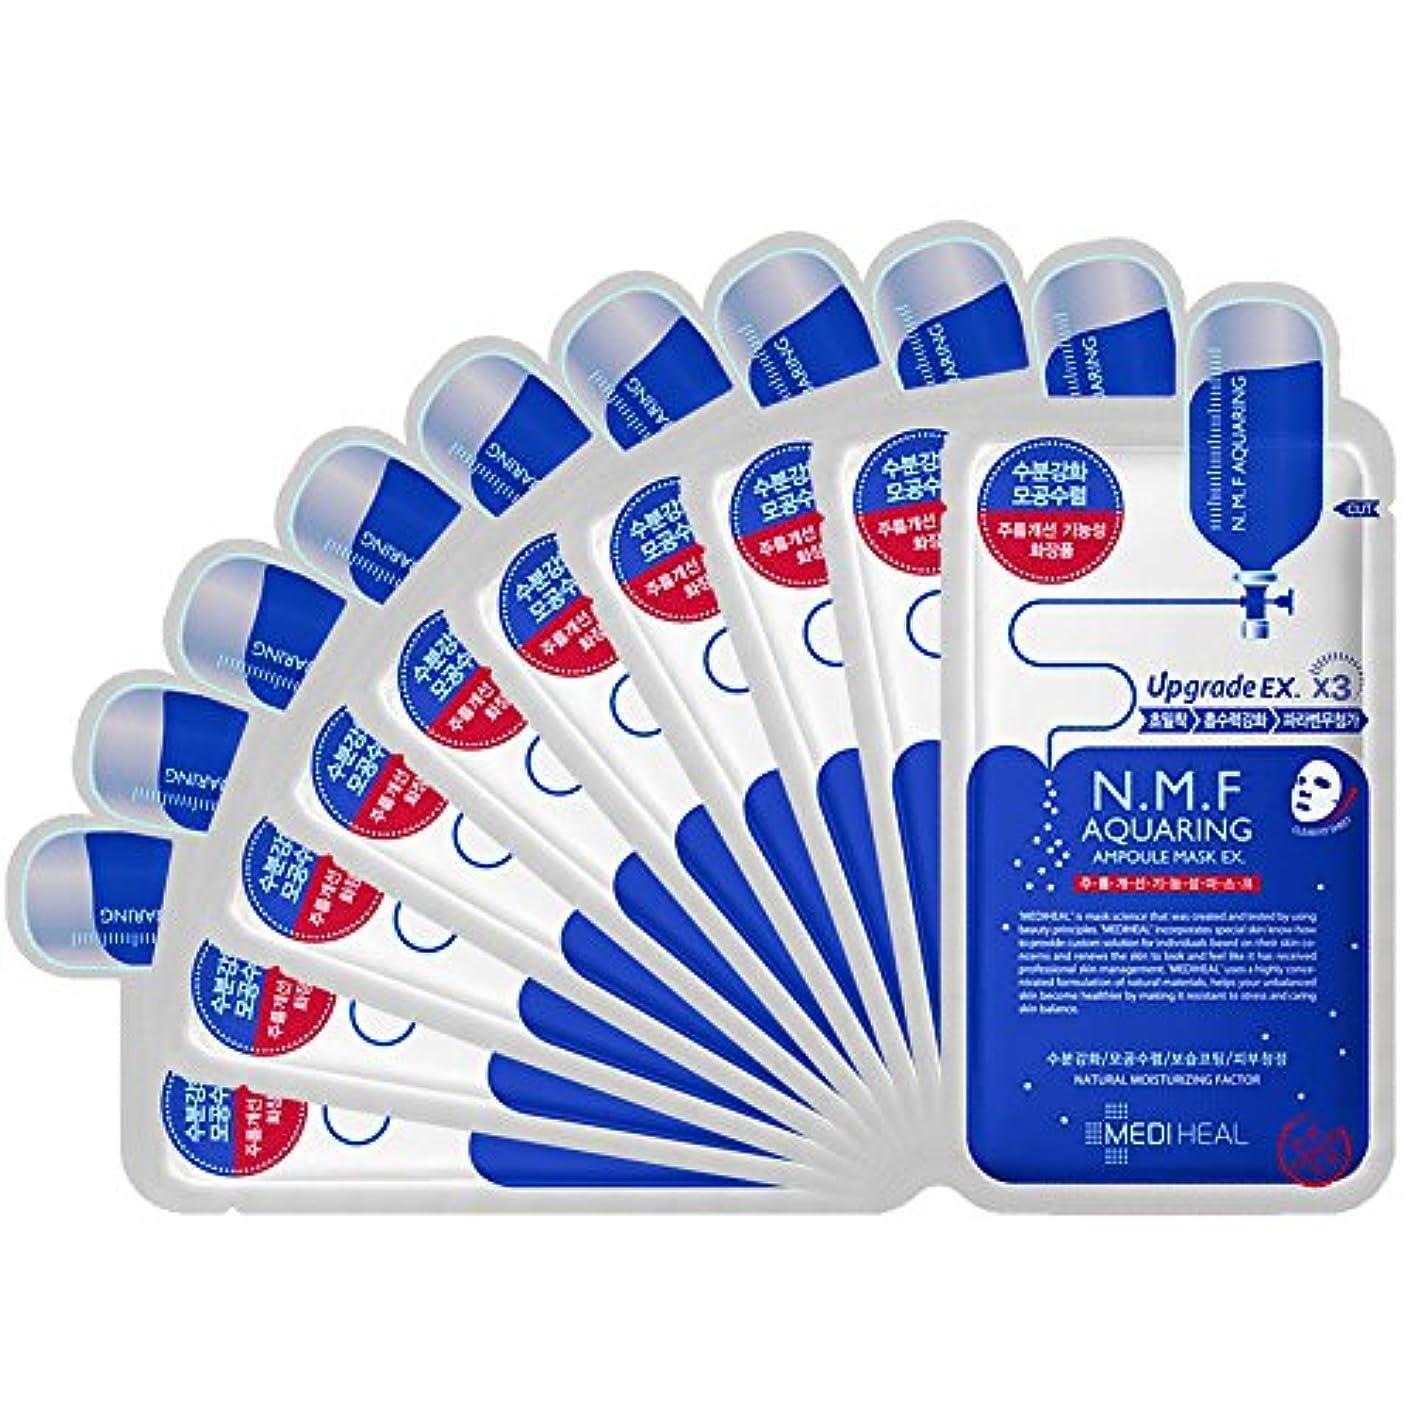 警報訪問シットコムMEDIHEAL N.M.F Aquaring Ampoule Mask Pack of 10 (並行輸入品)